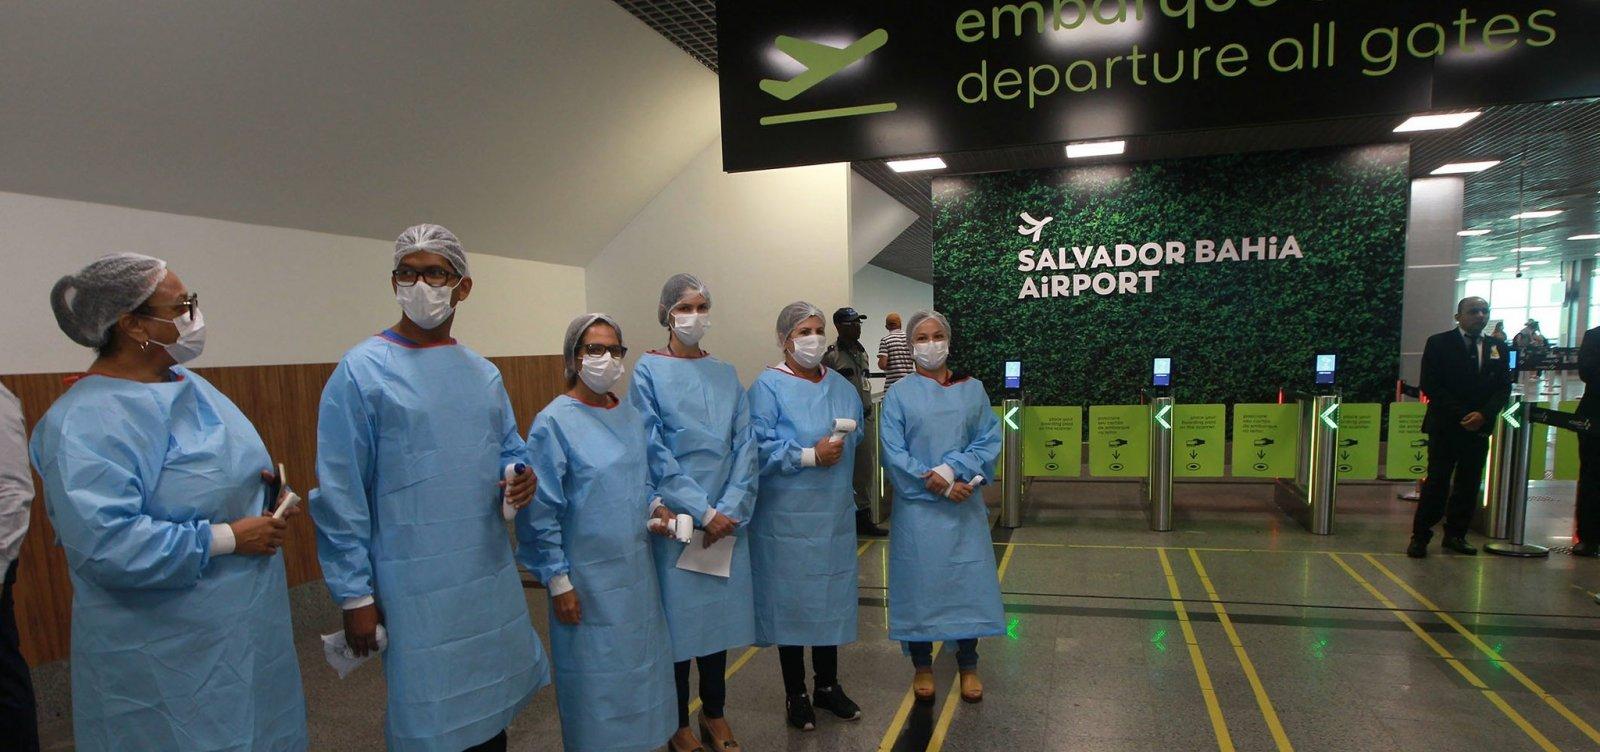 Toque de recolher não irá interferir em viagens agendadas no Aeroporto de Salvador